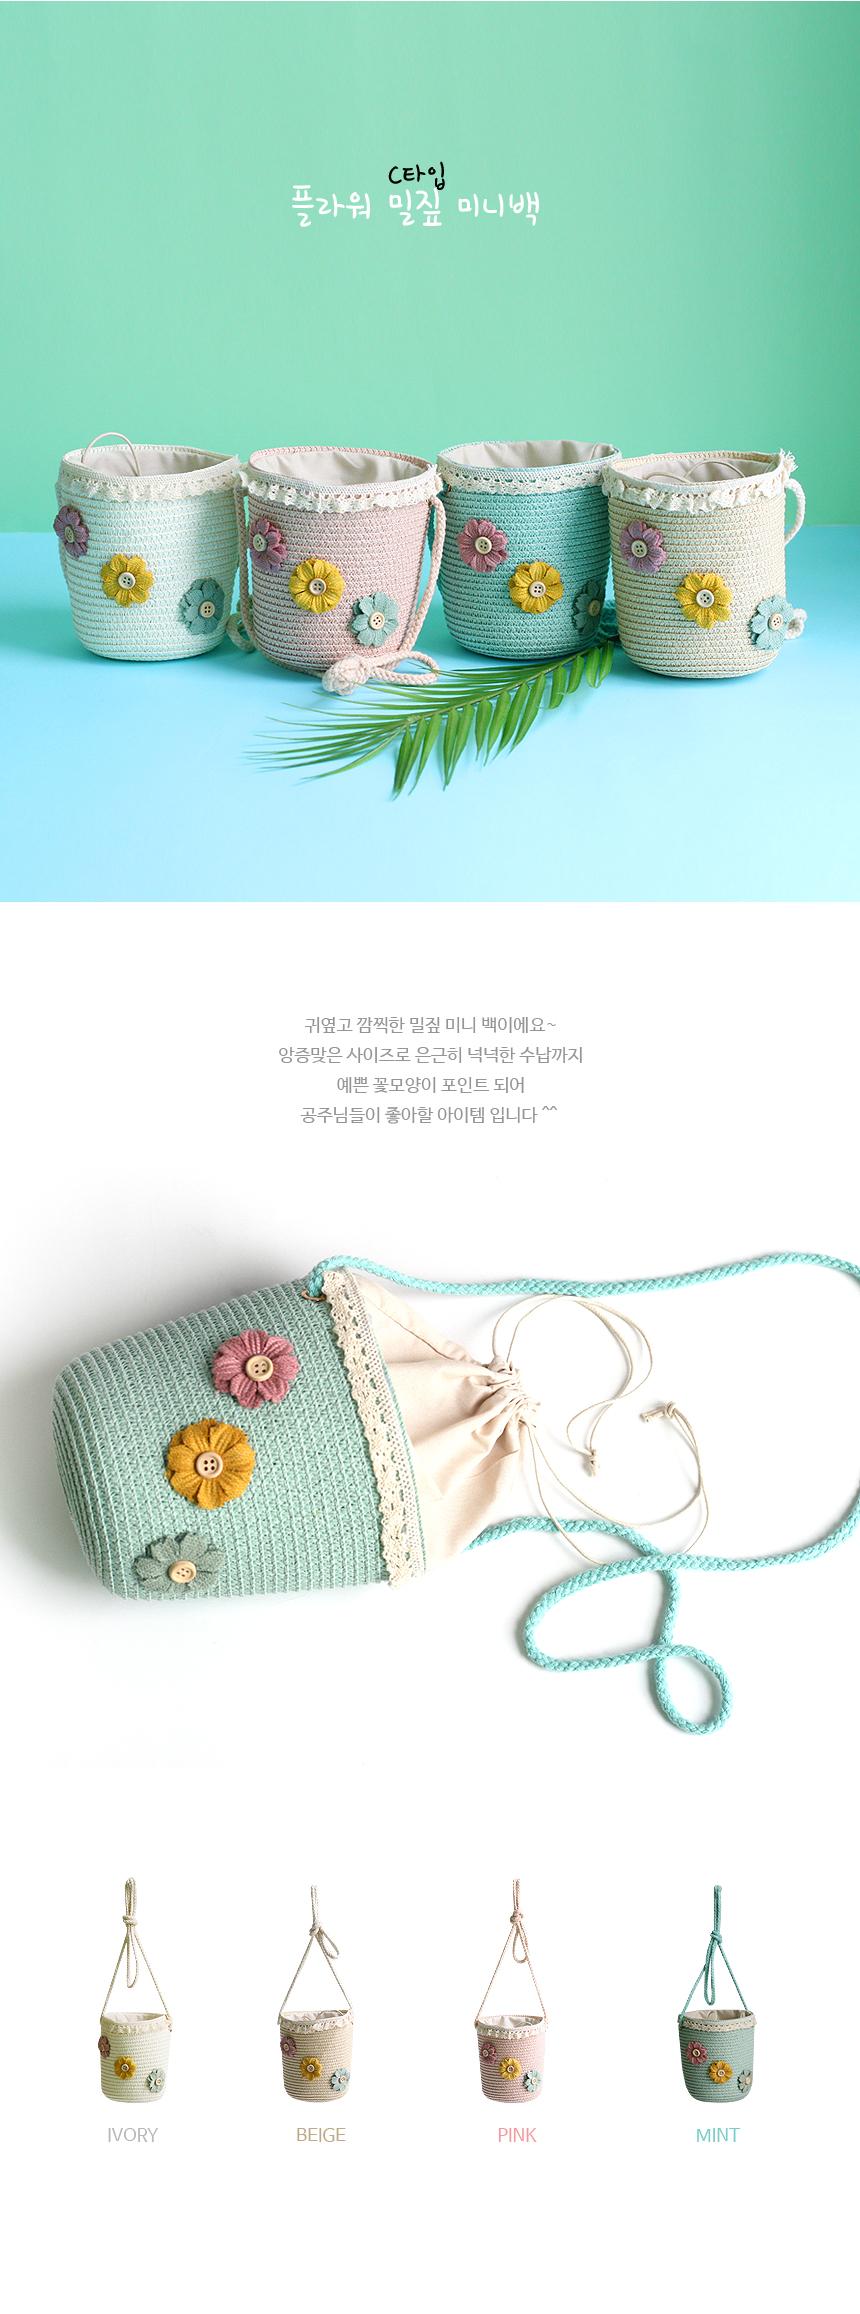 summer_item_06.jpg